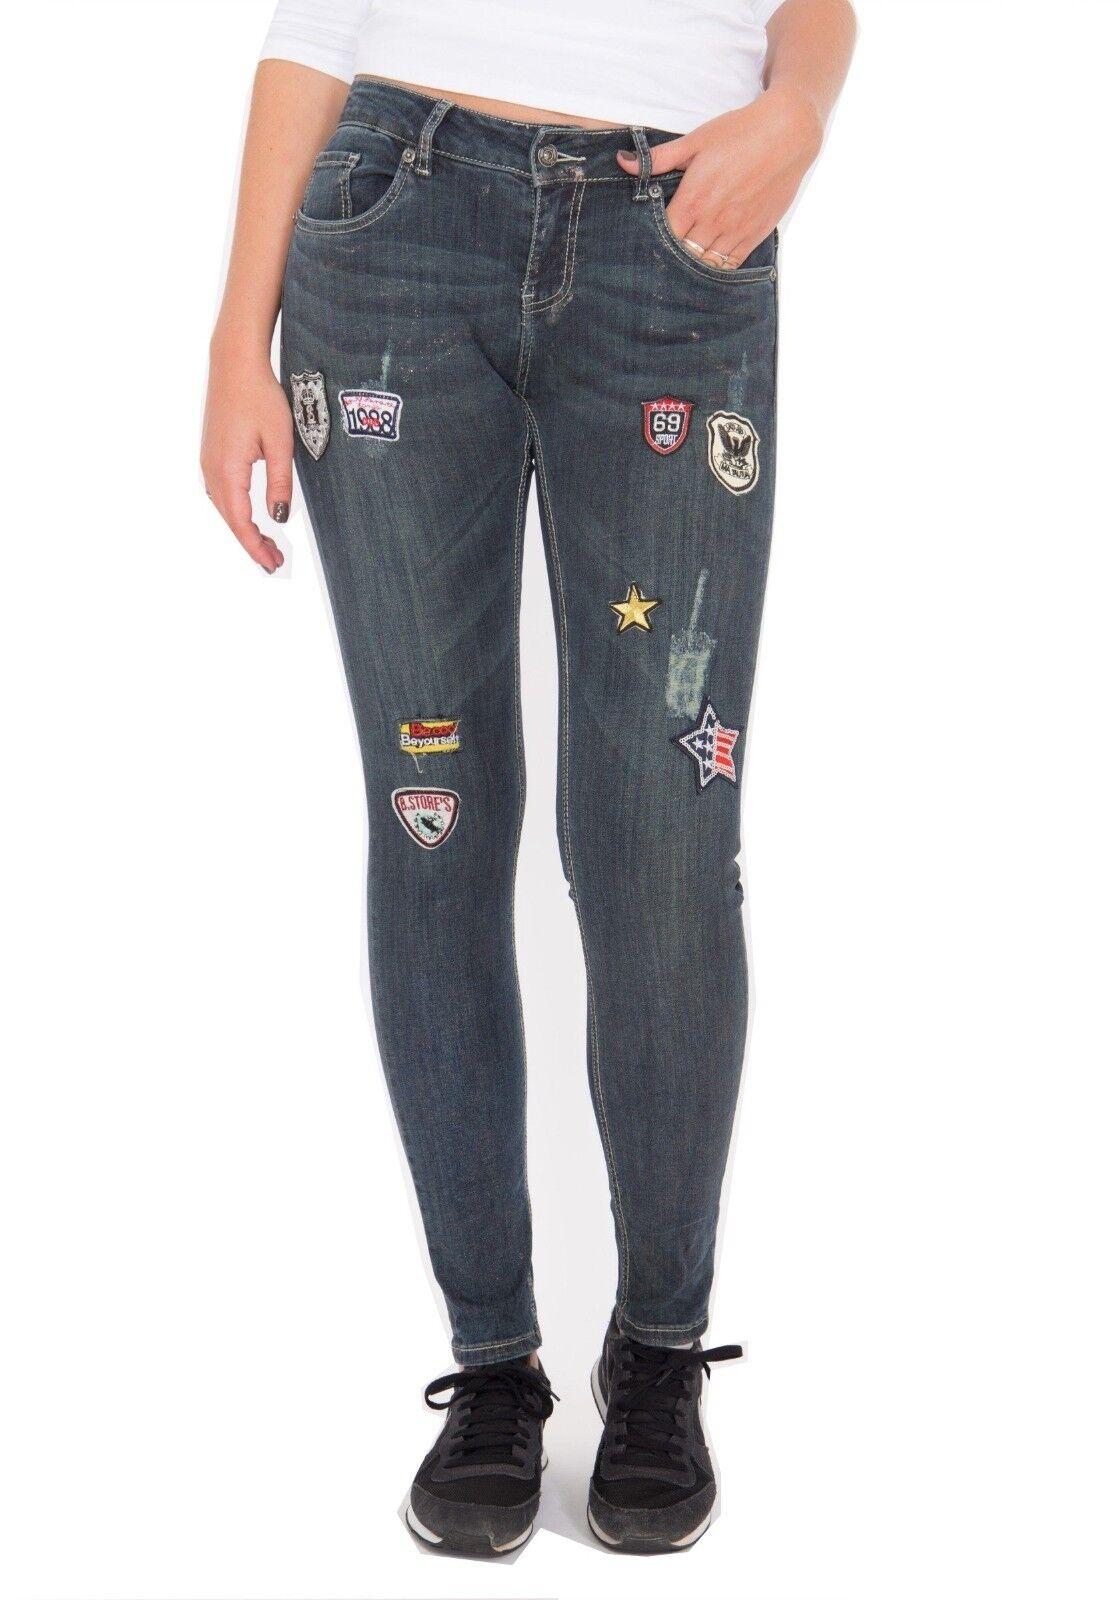 Jeans Honey Skinny von von von Blau Monkey in Dark Blau - NEU | Modern Und Elegant In Der Mode  | Erste Gruppe von Kunden  | Klein und fein  d9cccd